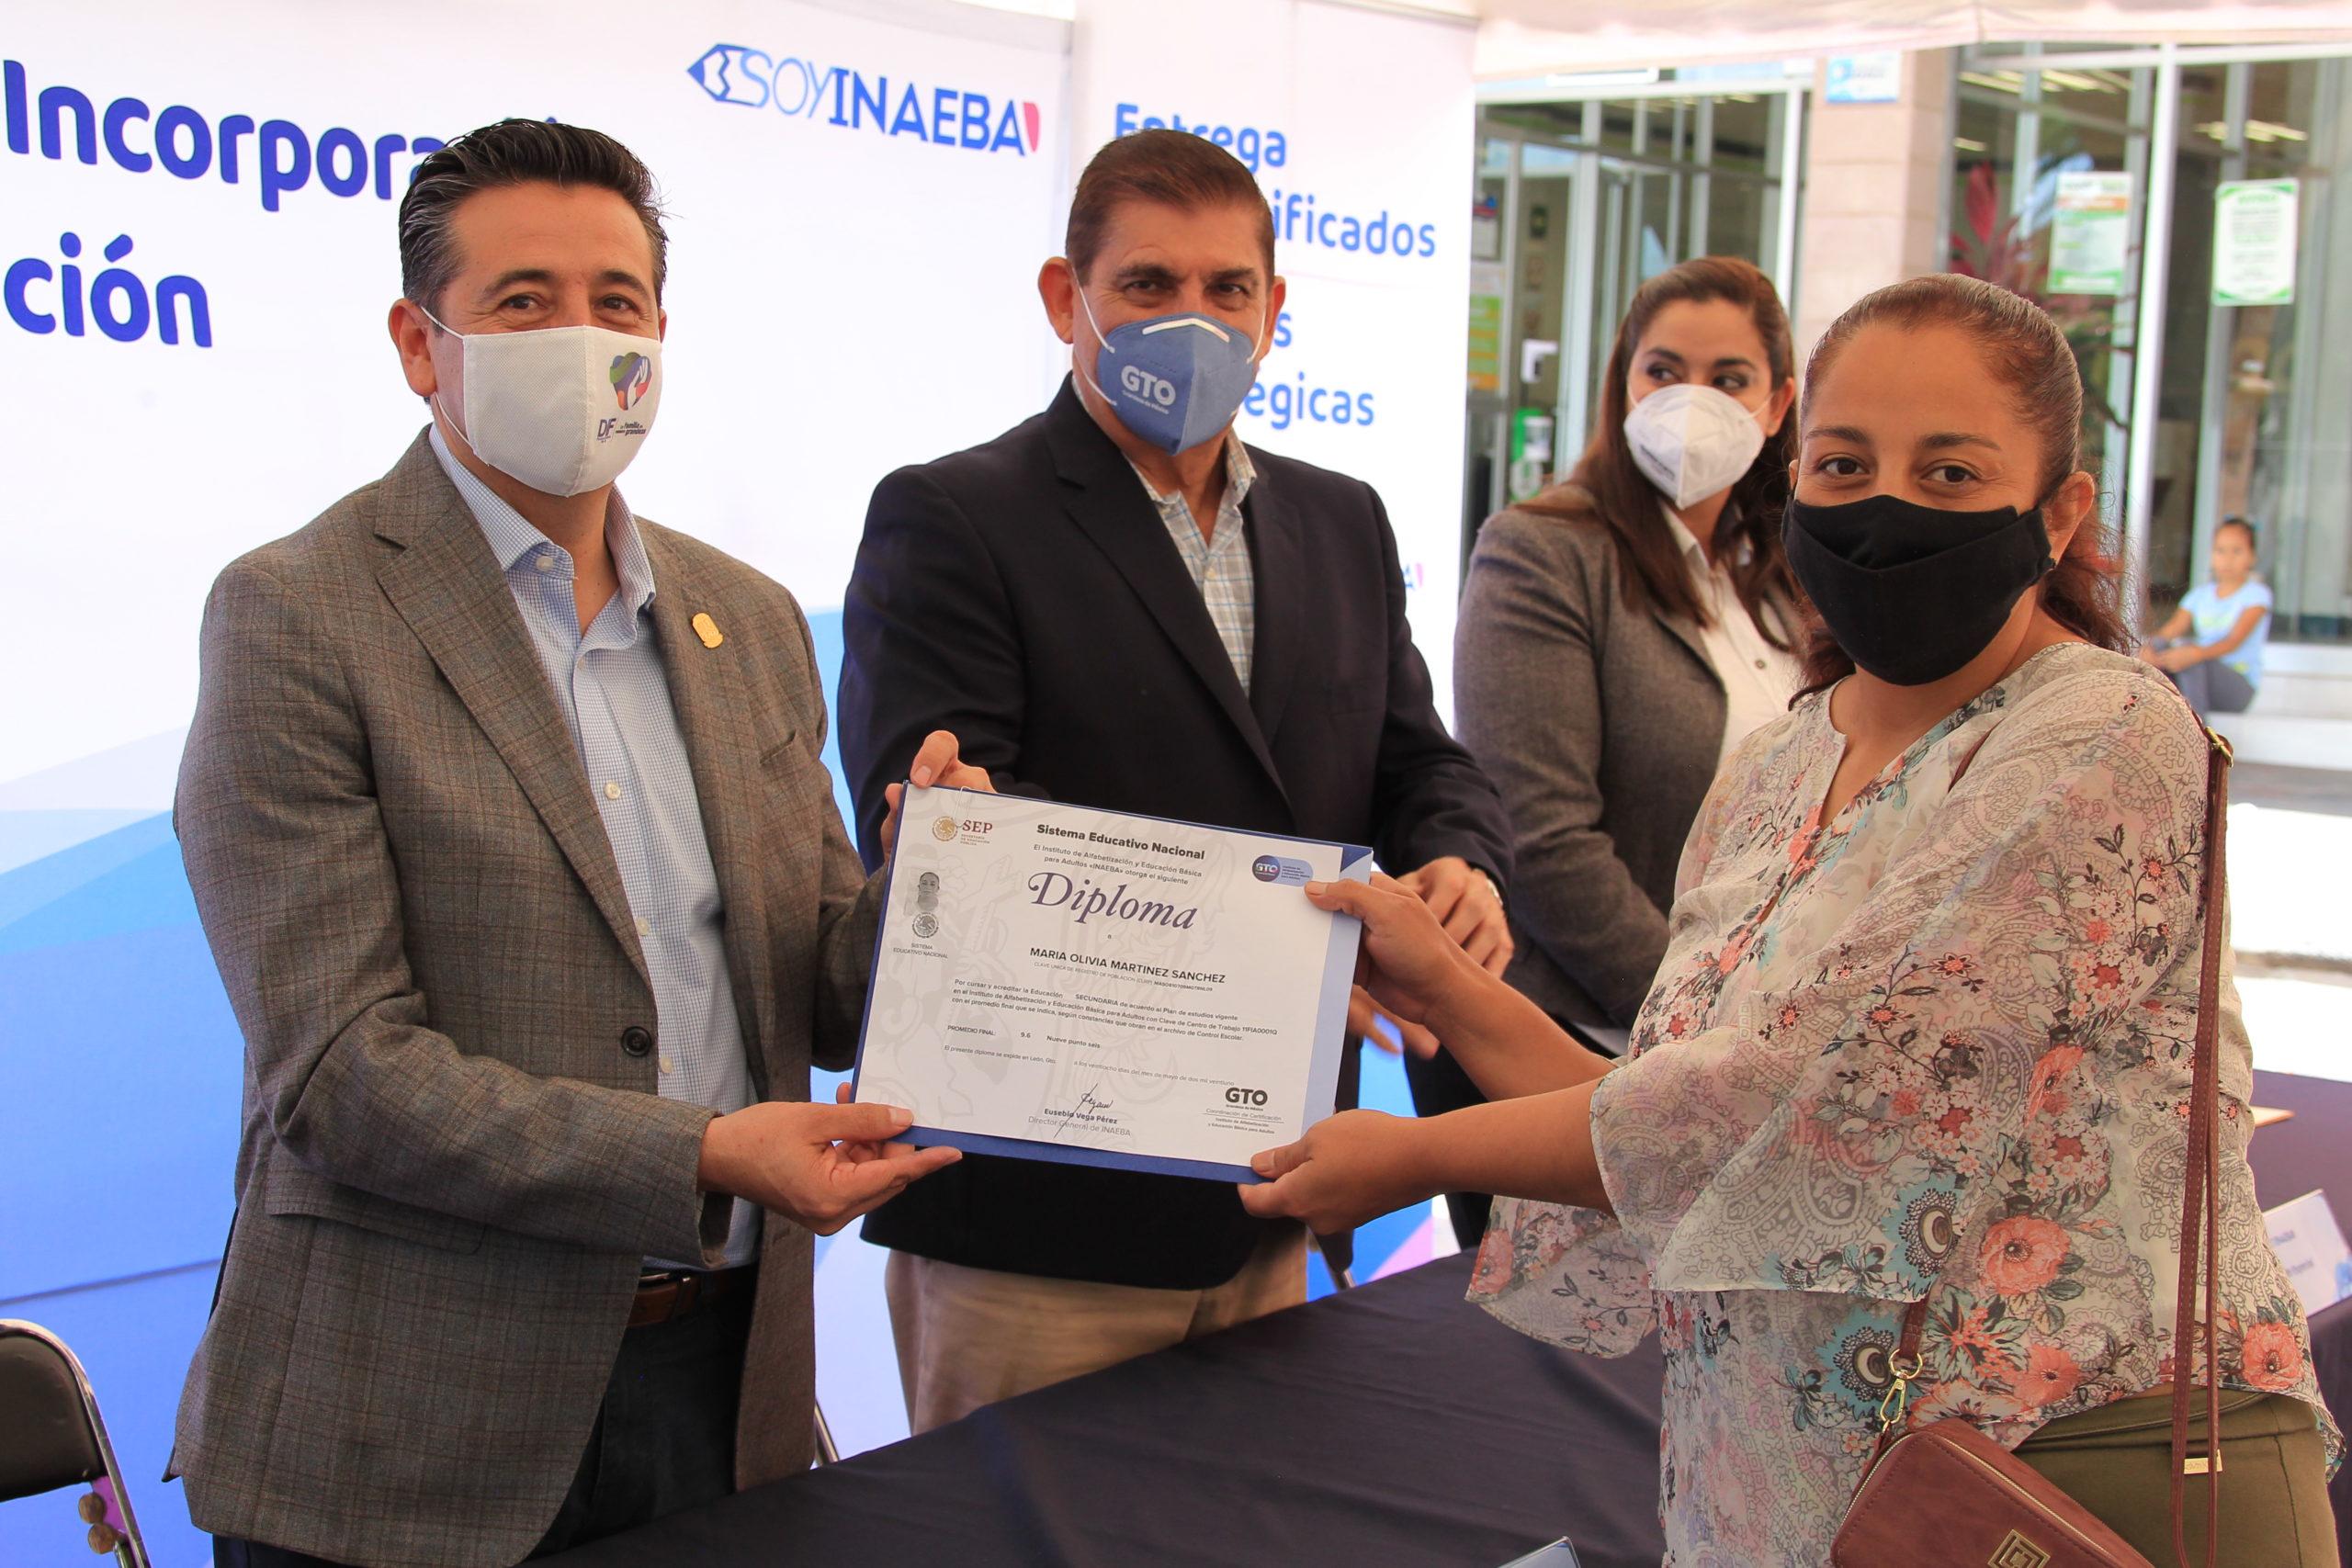 Arranca INAEBA jornada nacional de incorporación y acreditación en Purísima del Rincón